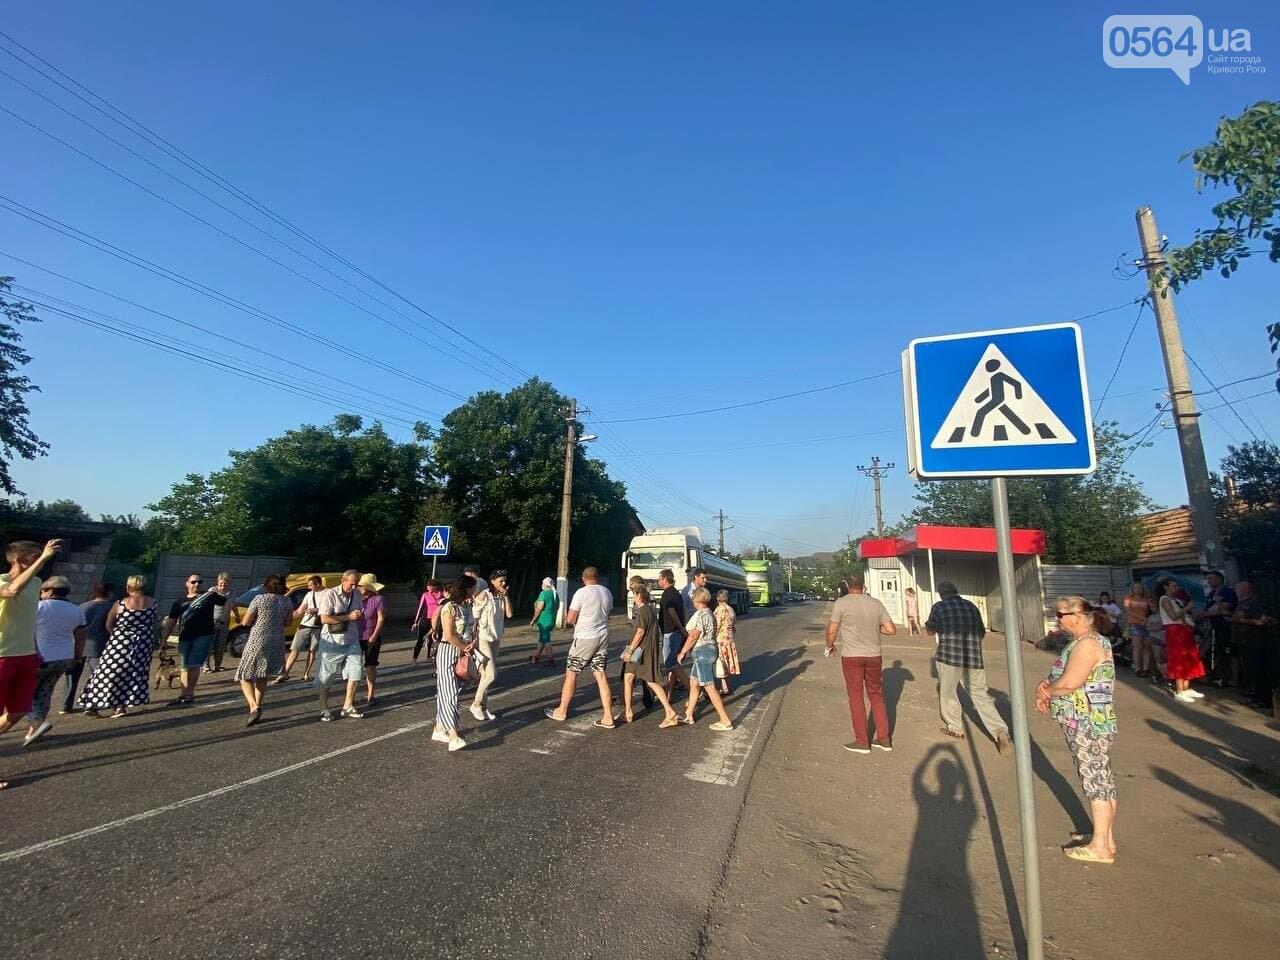 """""""Долой фуры!"""", """"Военные пропускаем!"""", - криворожане перекрыли проезжую часть для большегрузов, - ФОТО, ВИДЕО, фото-1"""